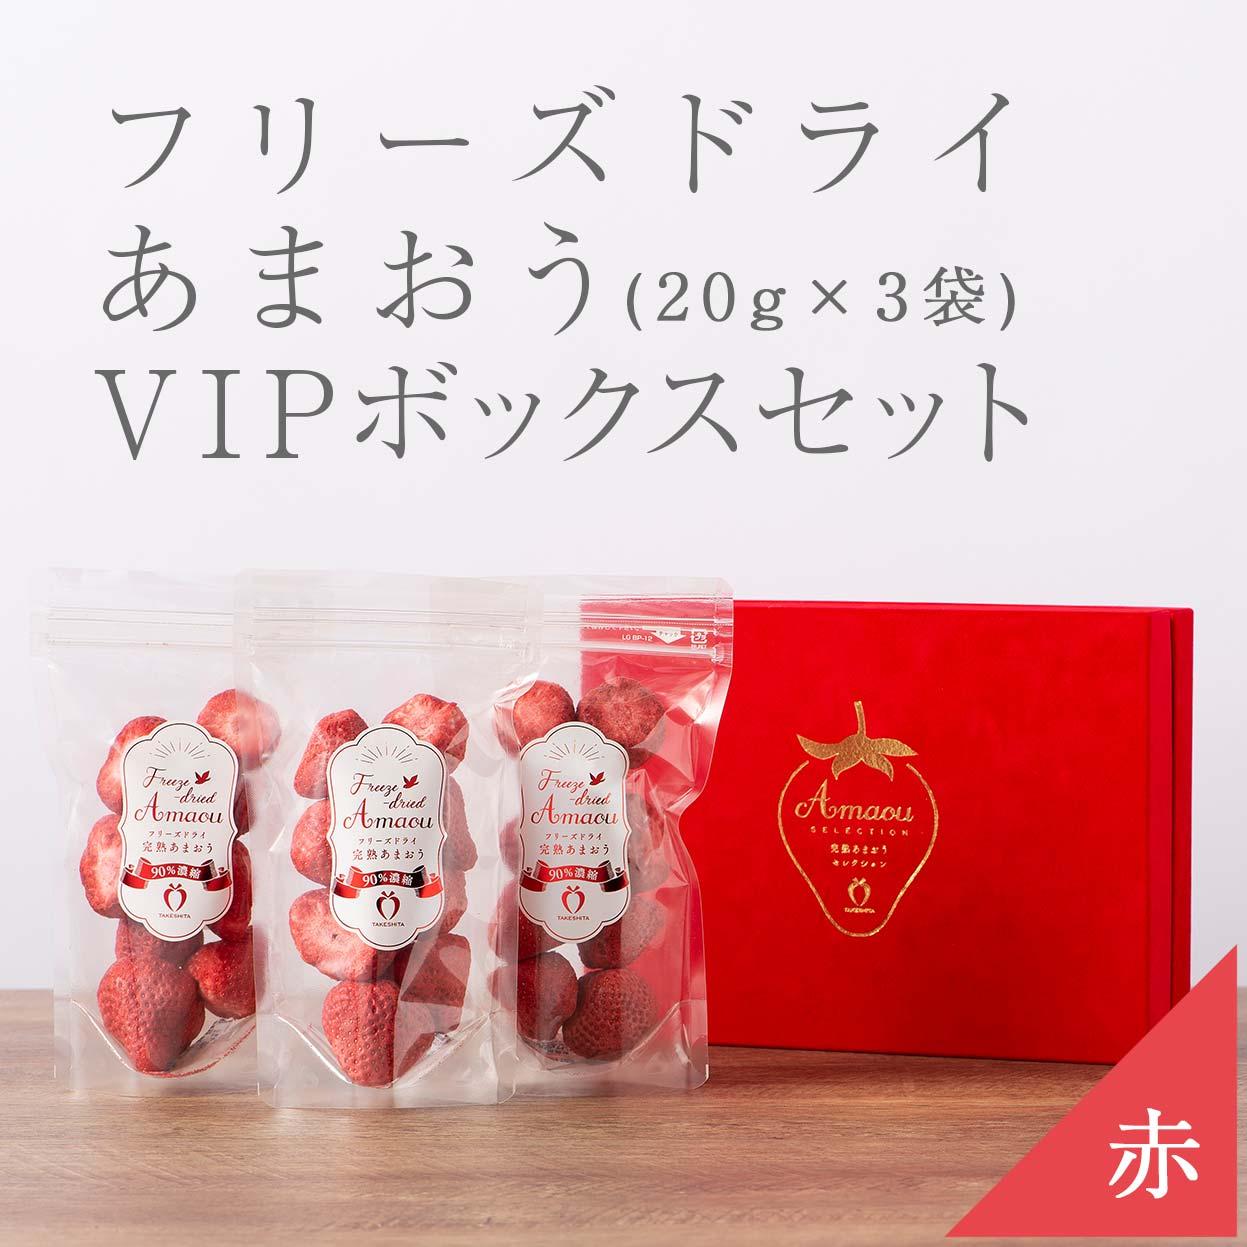 VIPボックス赤箱 フリーズドライあまおうセット20g×3袋